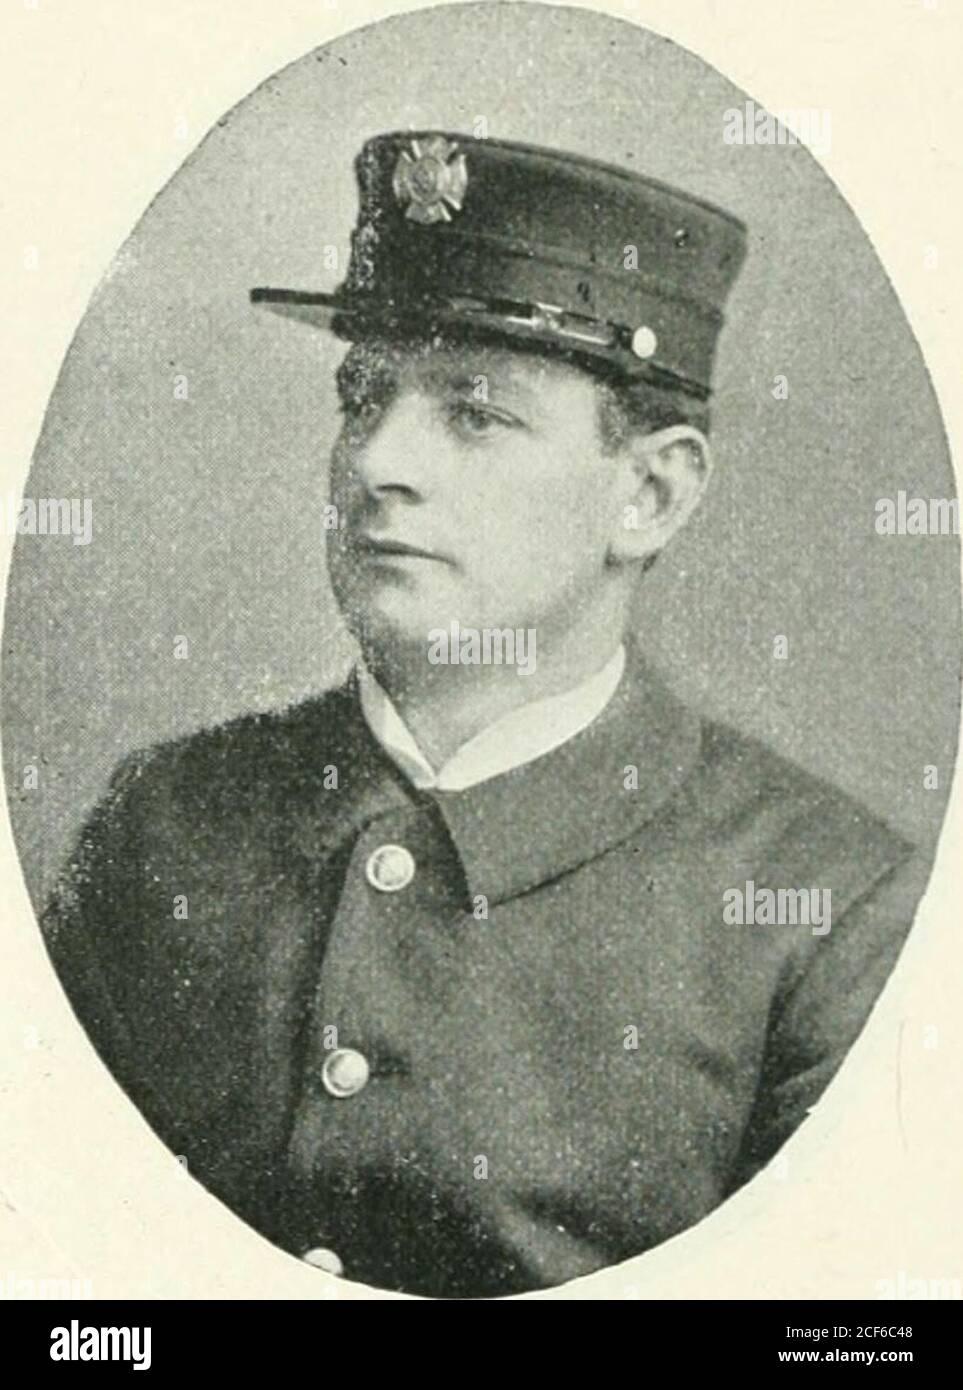 . Los bomberos exentos de San Francisco; su registro único y galante. JAMES DOOLEY F. A ELLENBERGER James Dooley nació en San Fran- F. A. Ellenborger nació en Cali-cisco, 5 de junio de 1874; se unió a la Depart- fornia 3 de agosto de 1873; se unió al Depart- ment en diciembre de 1896; ahora se ubica como Ment, Octoberi, 1895; Ahora se clasifica astruckman de camión no. 8. Camión no. 8. Foto de stock